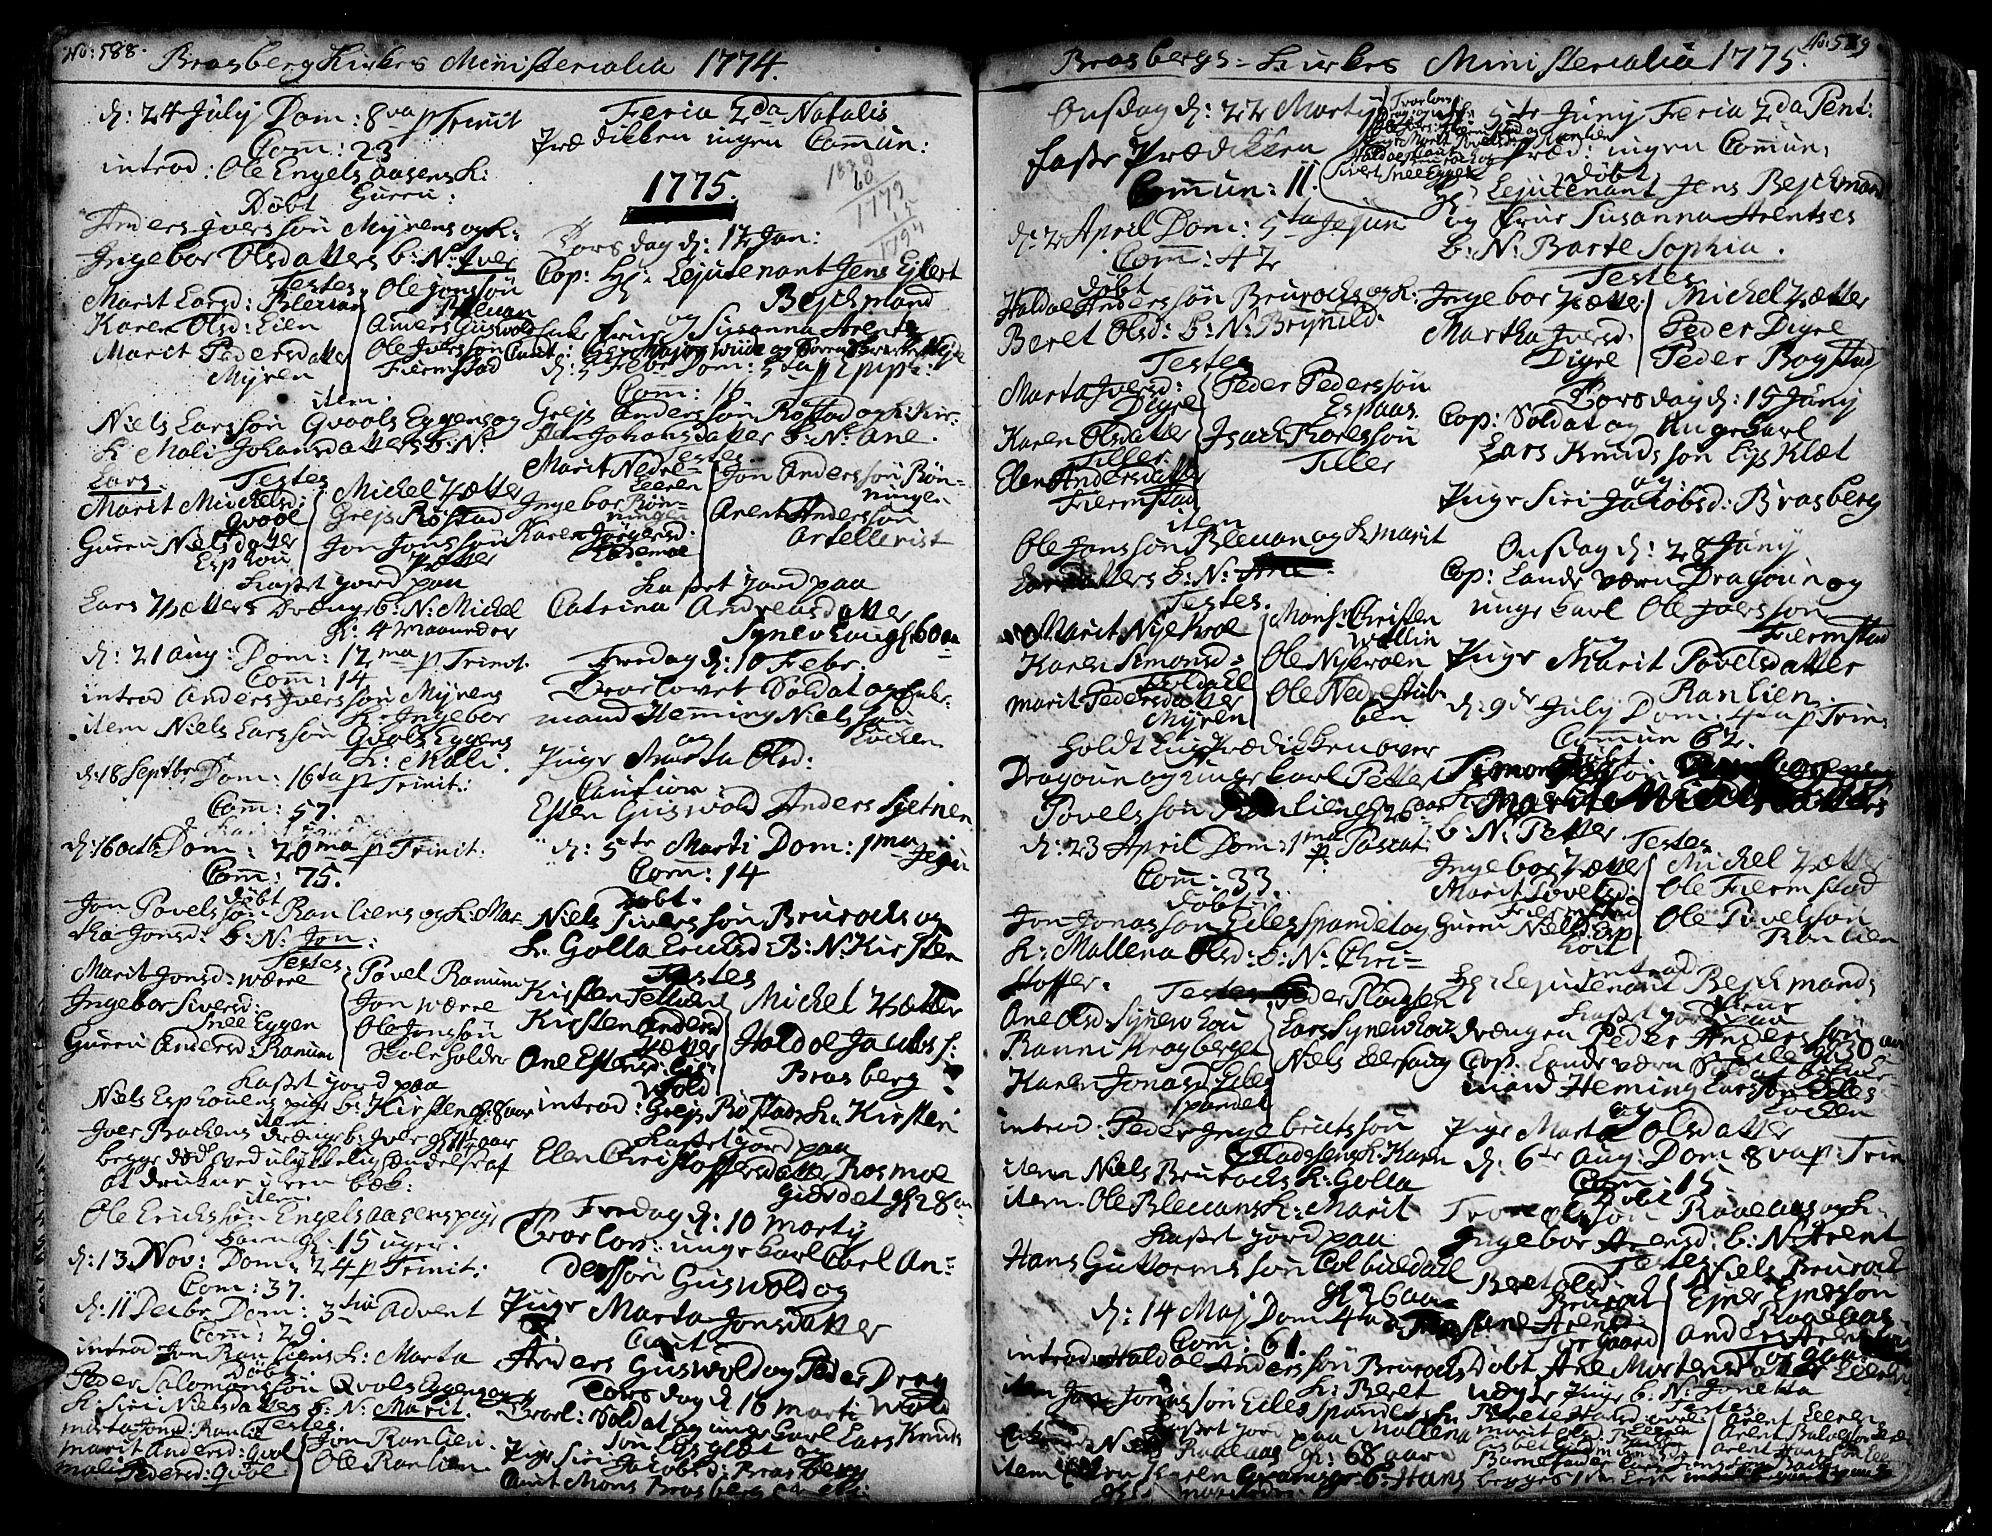 SAT, Ministerialprotokoller, klokkerbøker og fødselsregistre - Sør-Trøndelag, 606/L0278: Ministerialbok nr. 606A01 /4, 1727-1780, s. 588-589